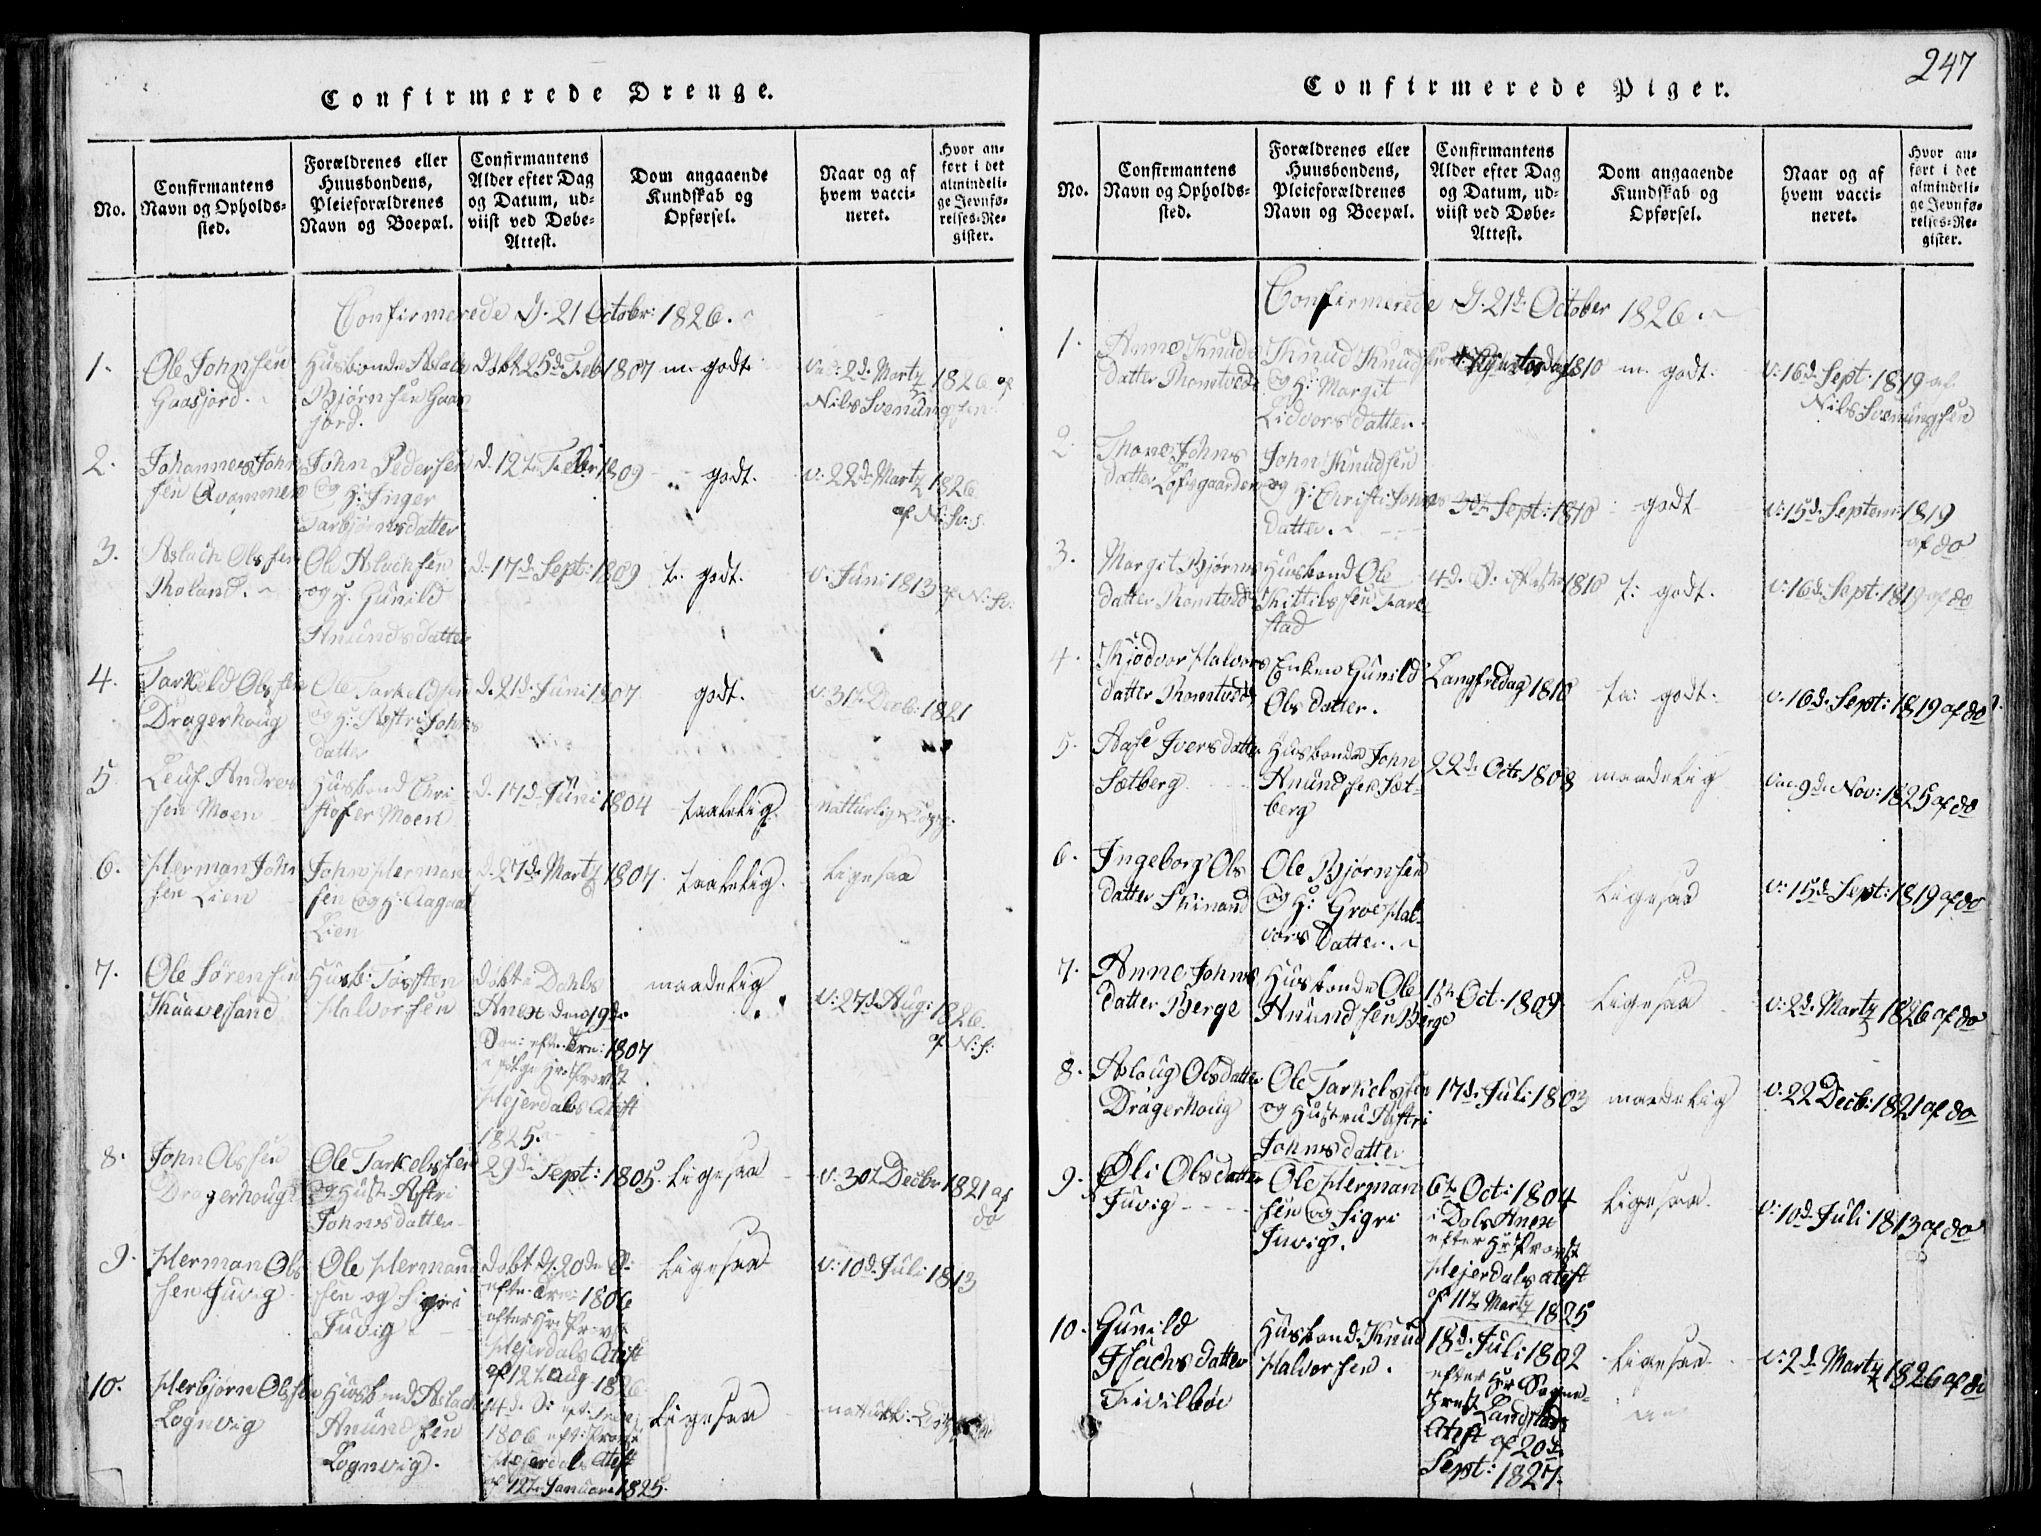 SAKO, Rauland kirkebøker, G/Ga/L0001: Klokkerbok nr. I 1, 1814-1843, s. 247